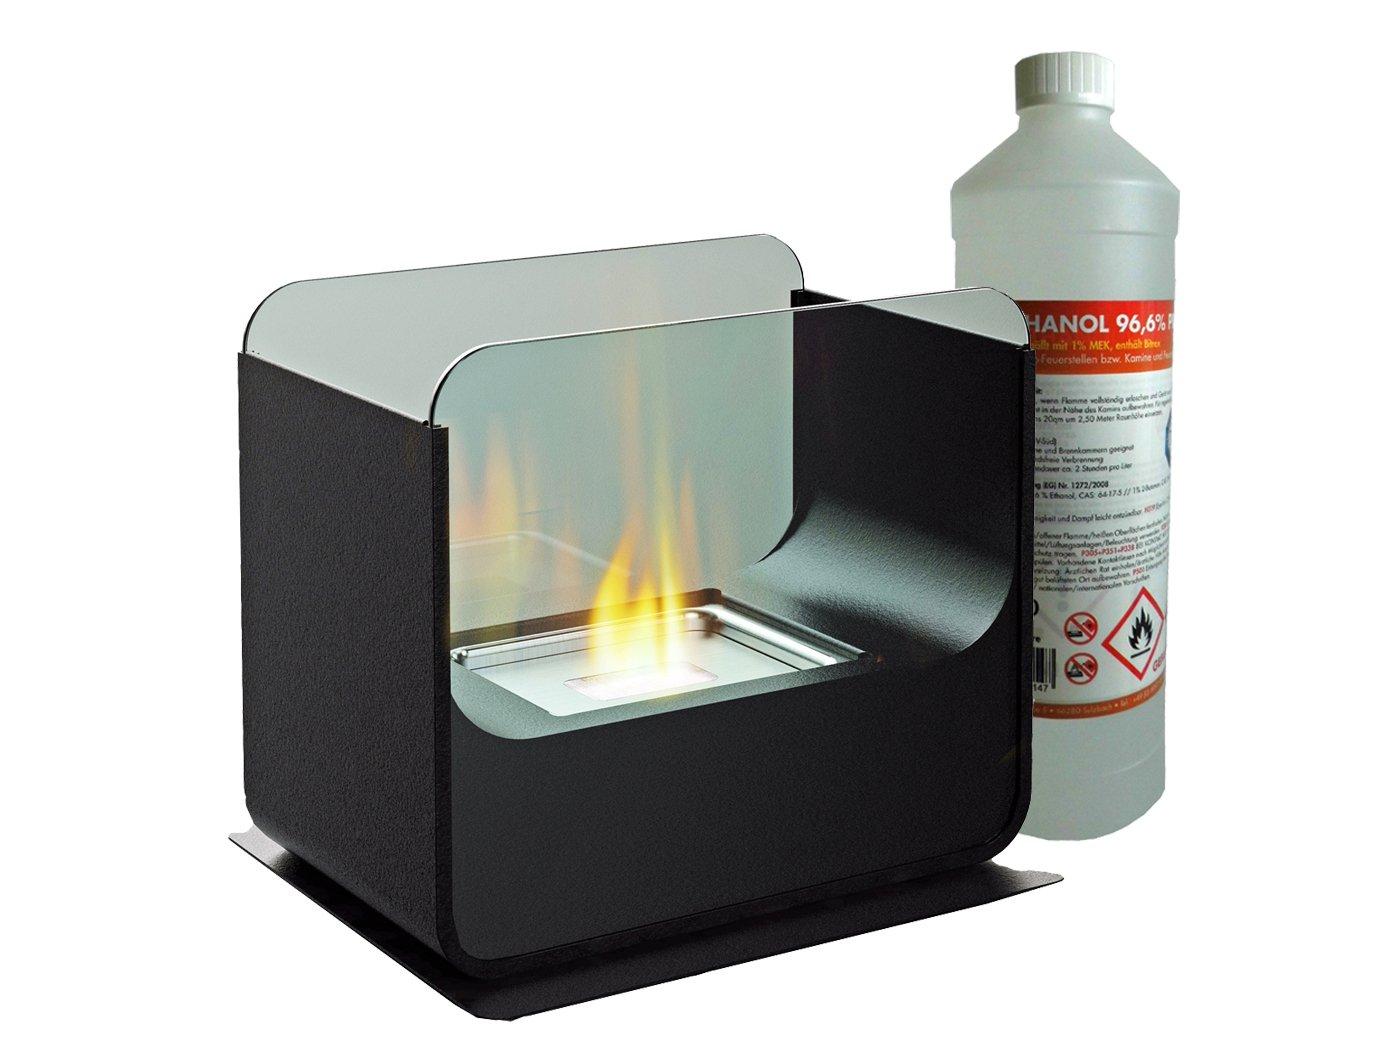 Luxus Tischkamin / Glaskamin ca. 26cm inkl. 1Liter Bio-Ethanol, Tischfeuer für eine behagliche Atmosphäre